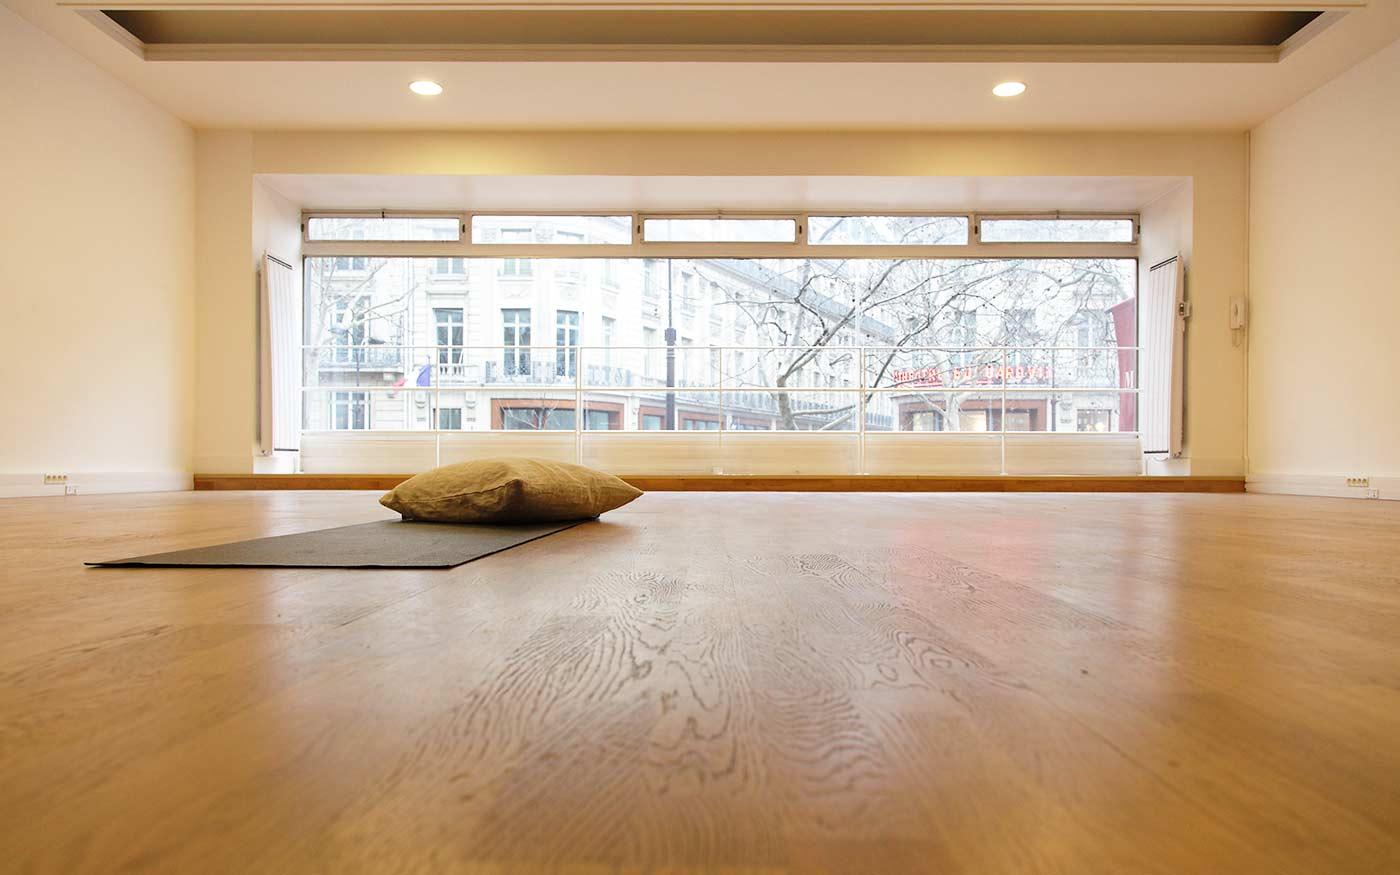 location salle yoga bordeaux